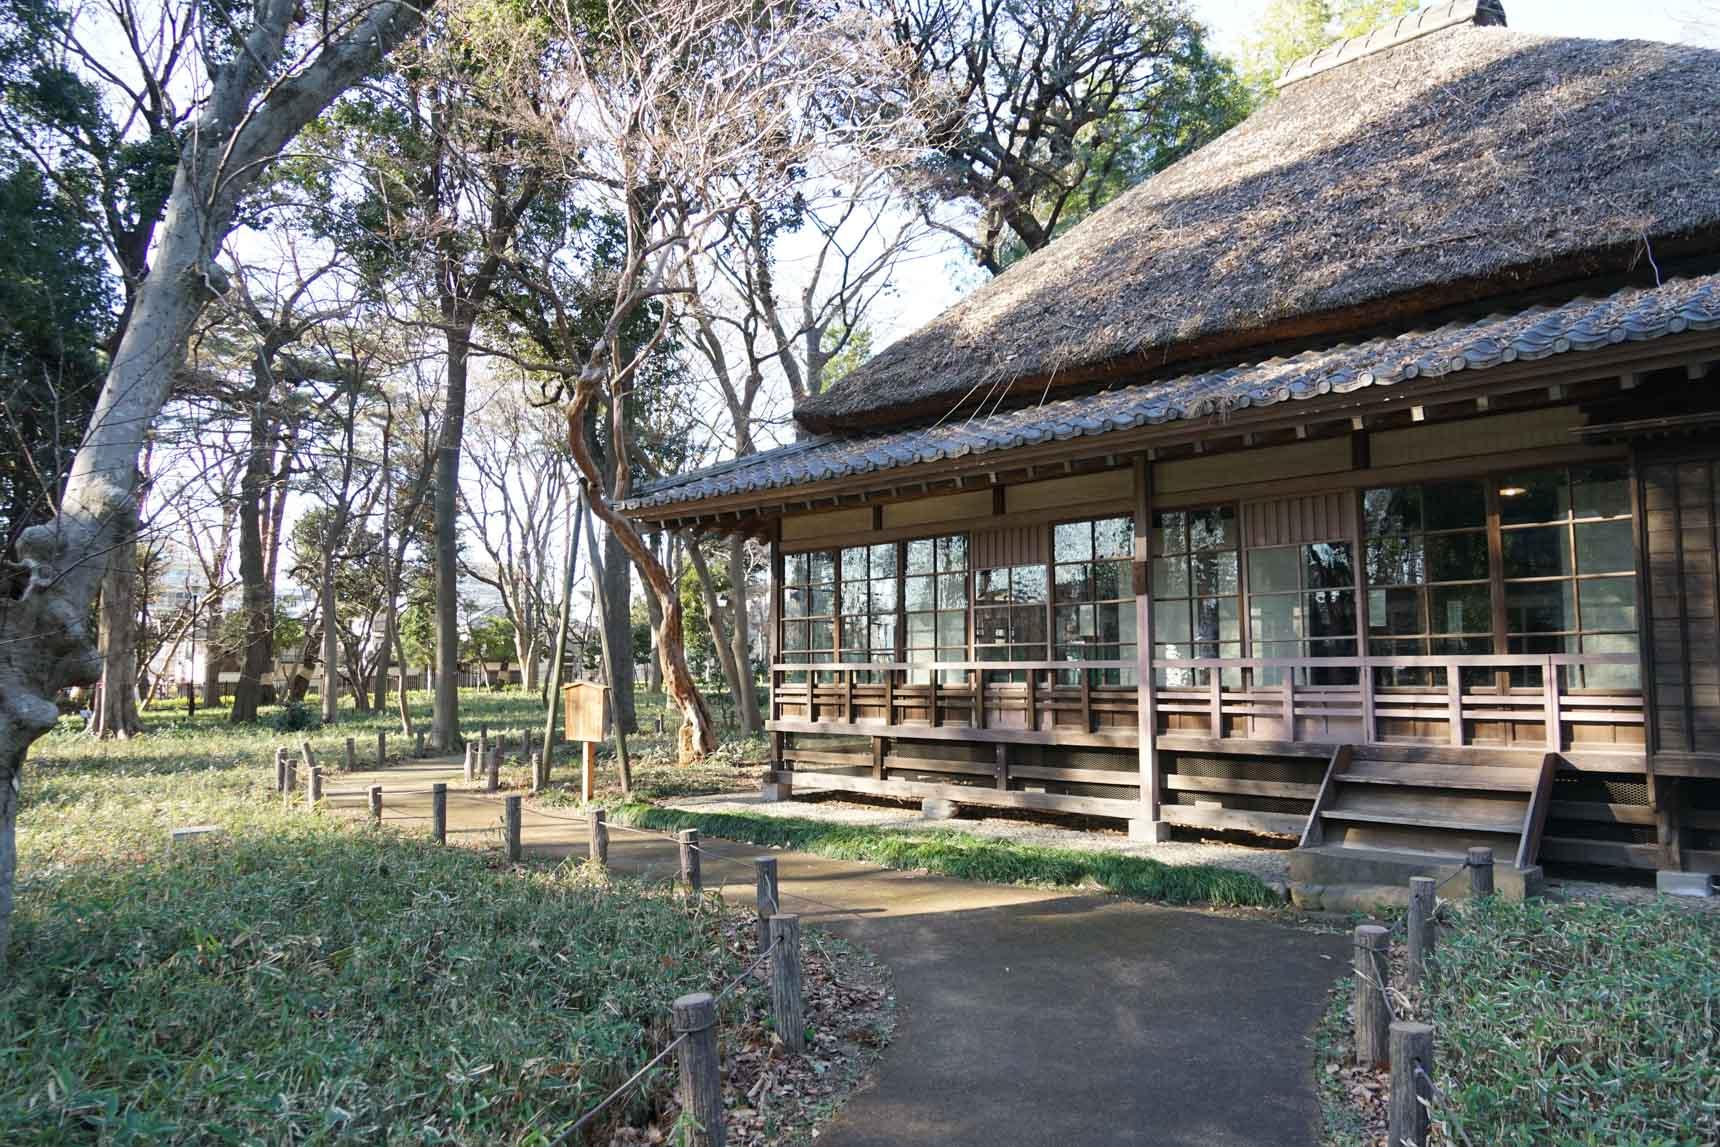 大きな木々に囲まれて文豪・徳冨蘆花の旧宅が残る、かつての「世田谷」の姿を感じさせる立派な公園です。地域の人たちが思い思いの時間を過ごされていました。